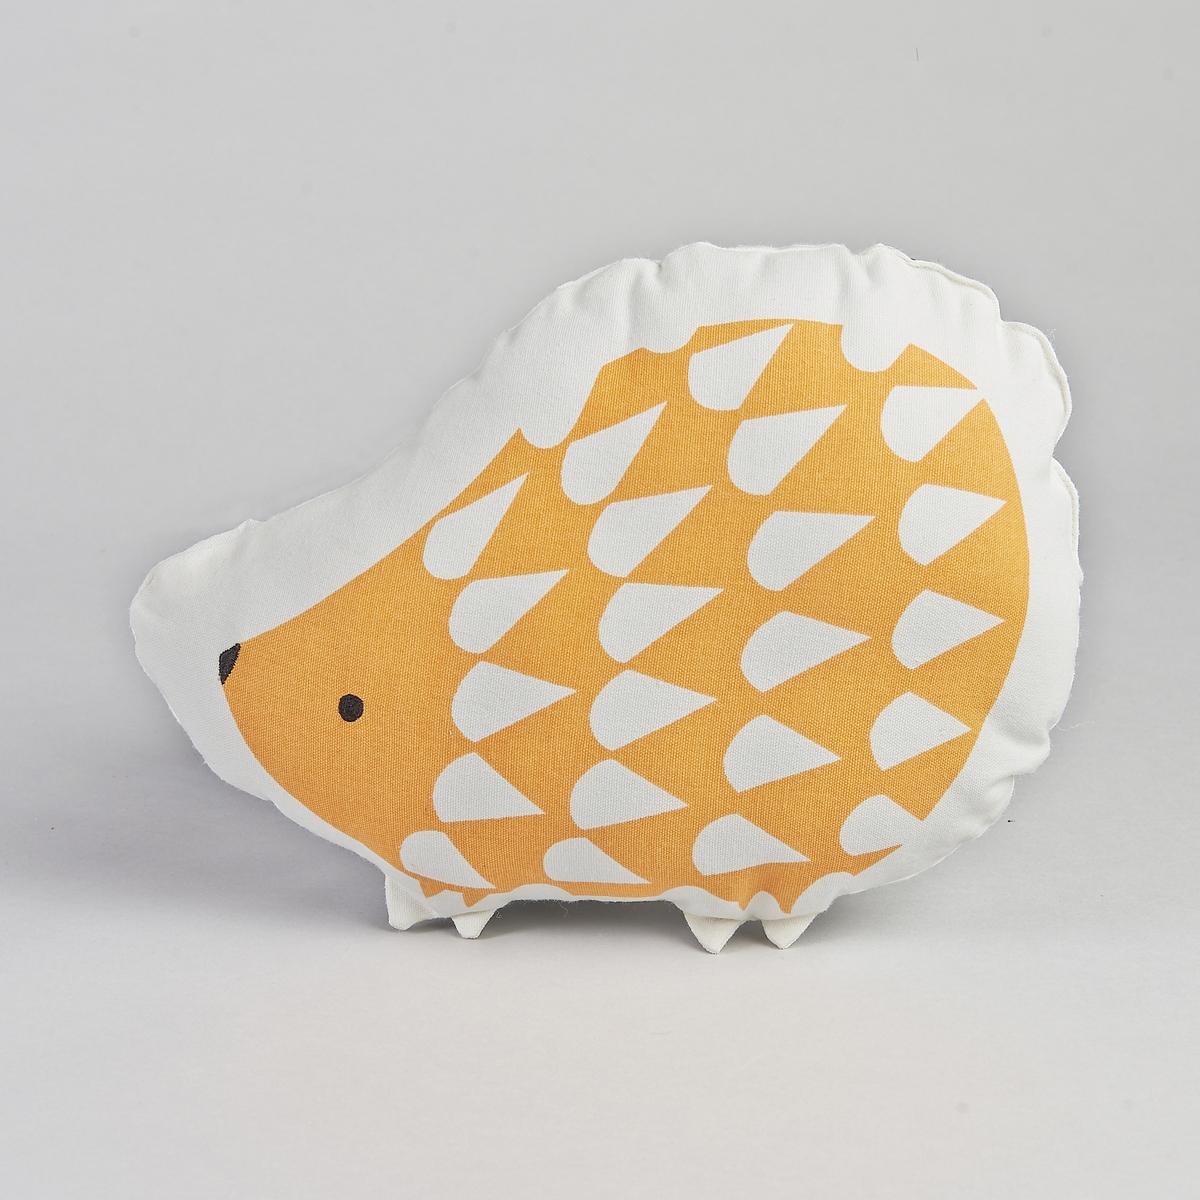 Подушка KirpiКрасивая подушка в виде ежика. Описание :- Чехол 100% хлопка. - Наполнитель из 100% полиэстера. Размер :- 20 x 40 см.<br><br>Цвет: оранжевый<br>Размер: единый размер